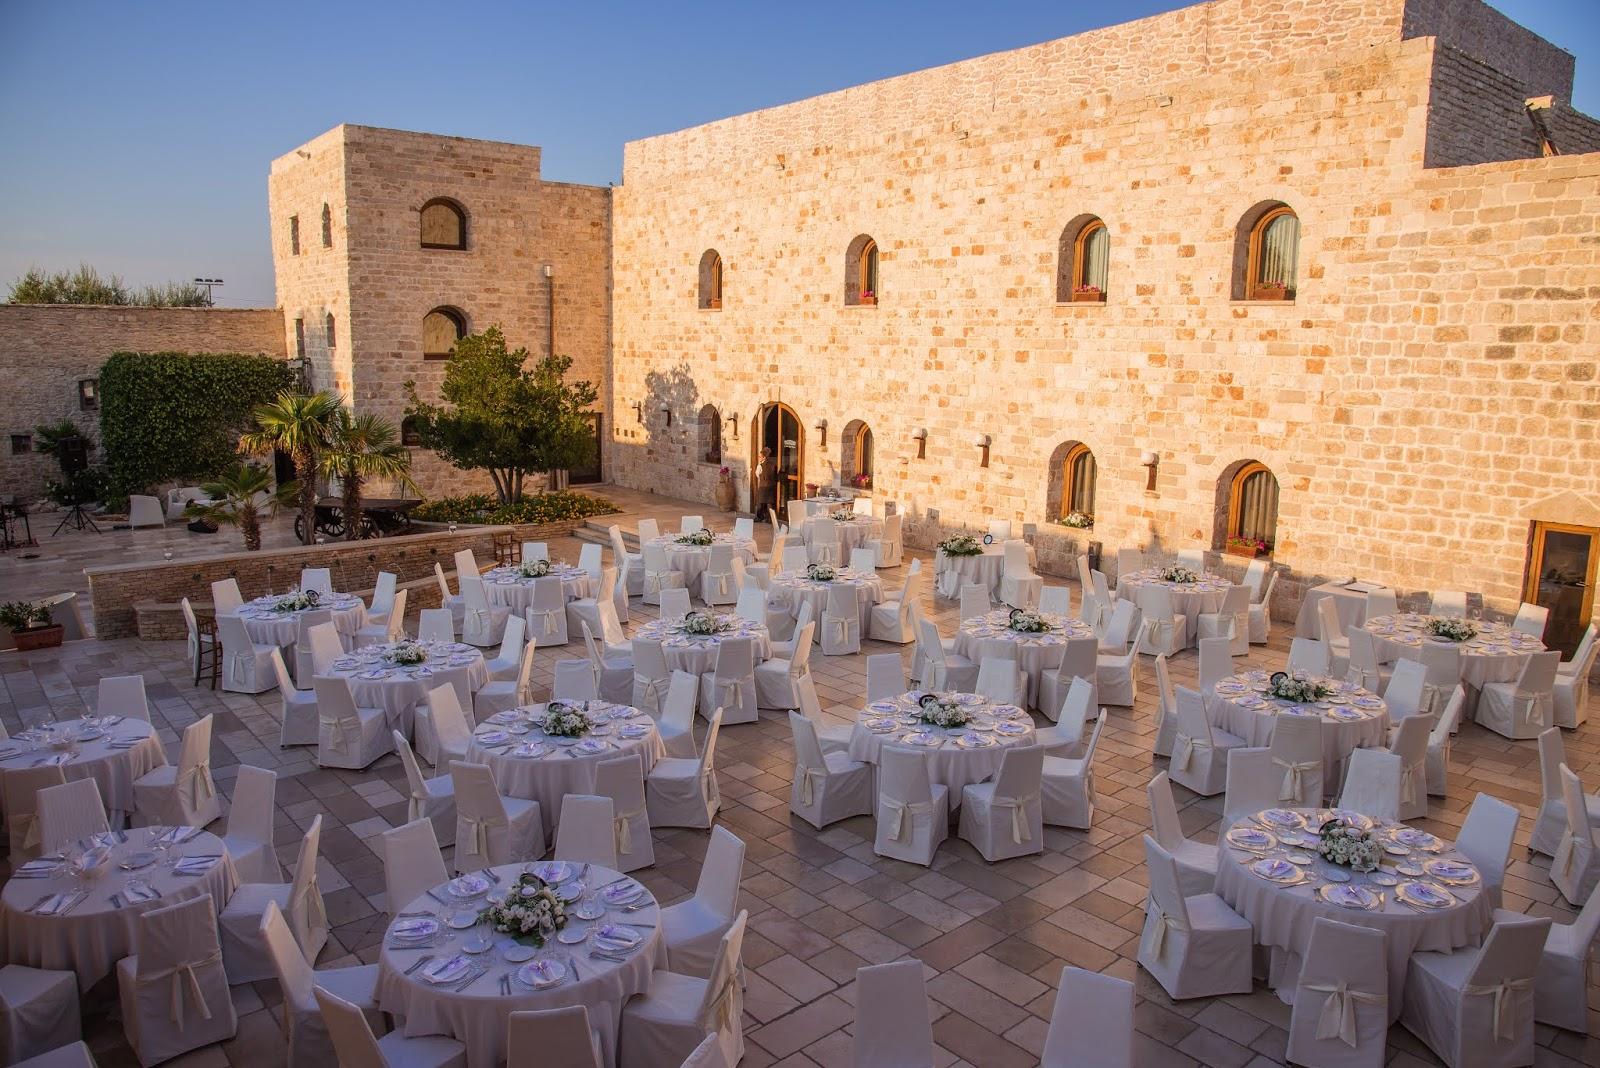 Matrimonio Casale Toscana : Spose italiane consigli per la sposa su come organizzare un